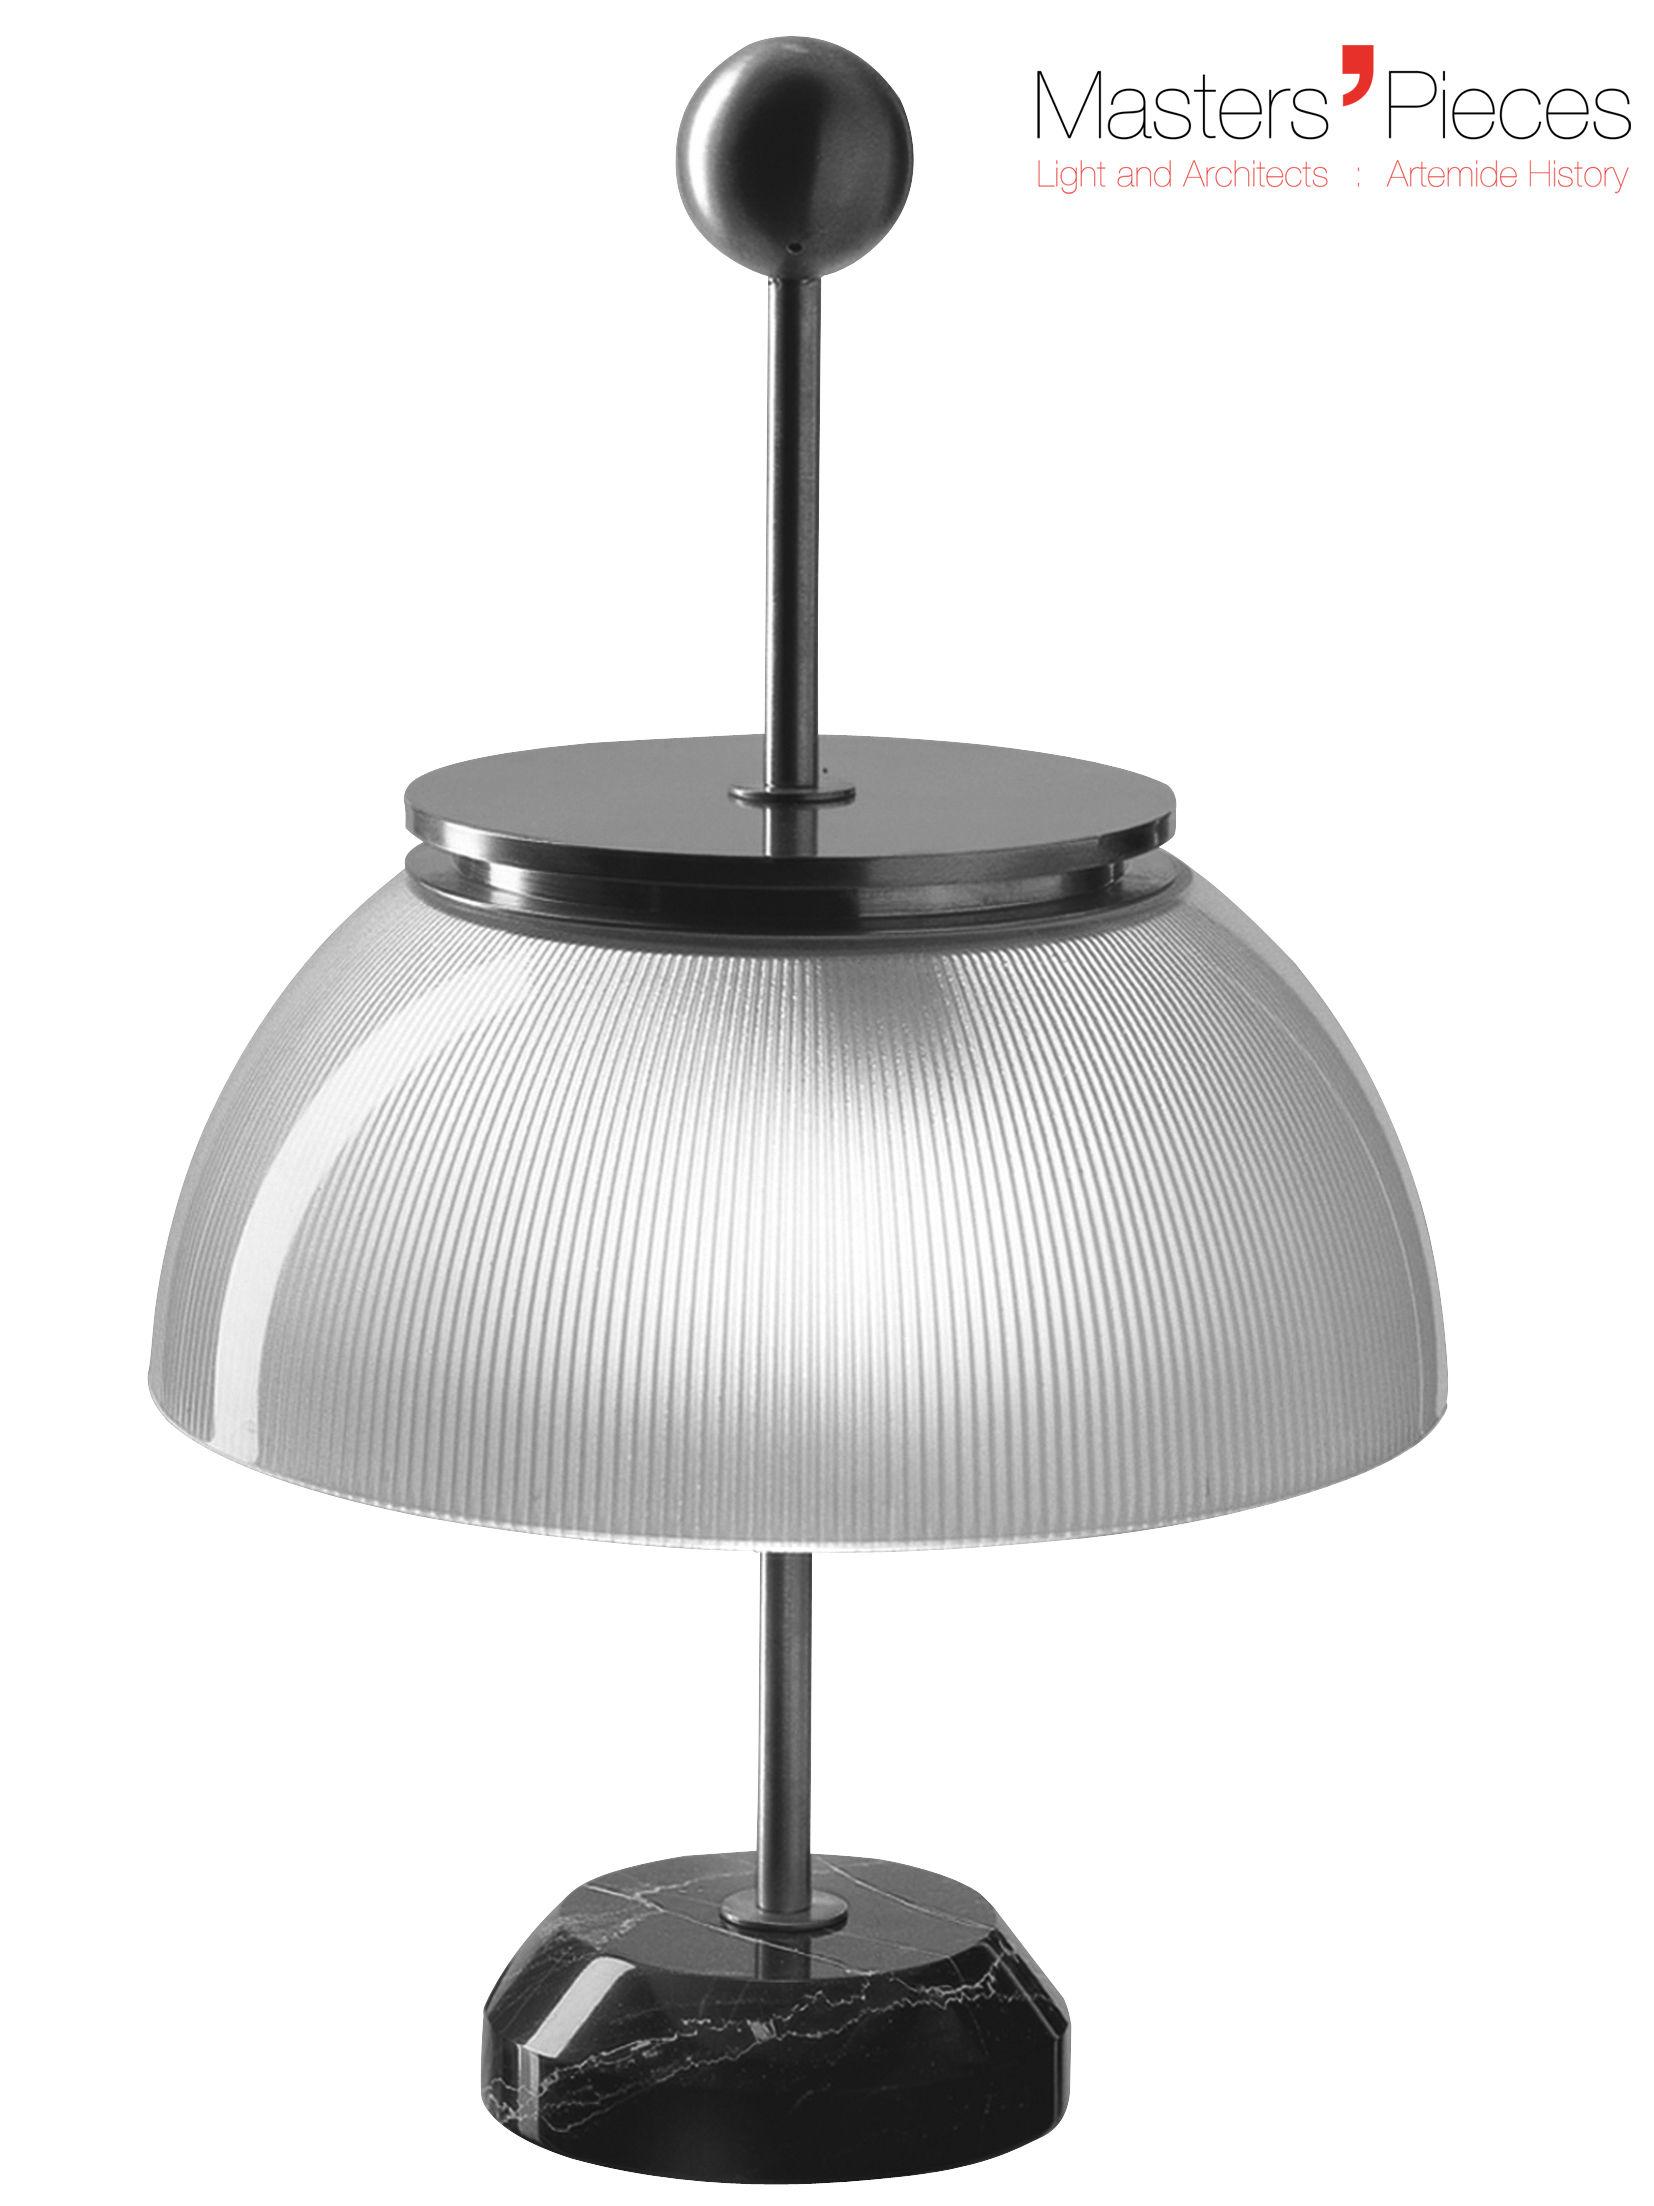 Leuchten - Tischleuchten - Masters' Pieces - Alfa Tischleuchte / Marmor-Sockel - 1959 - Artemide - Weiß, Metall / schwarzer Marmor - Glas, Marmor, vernickeltes Metall